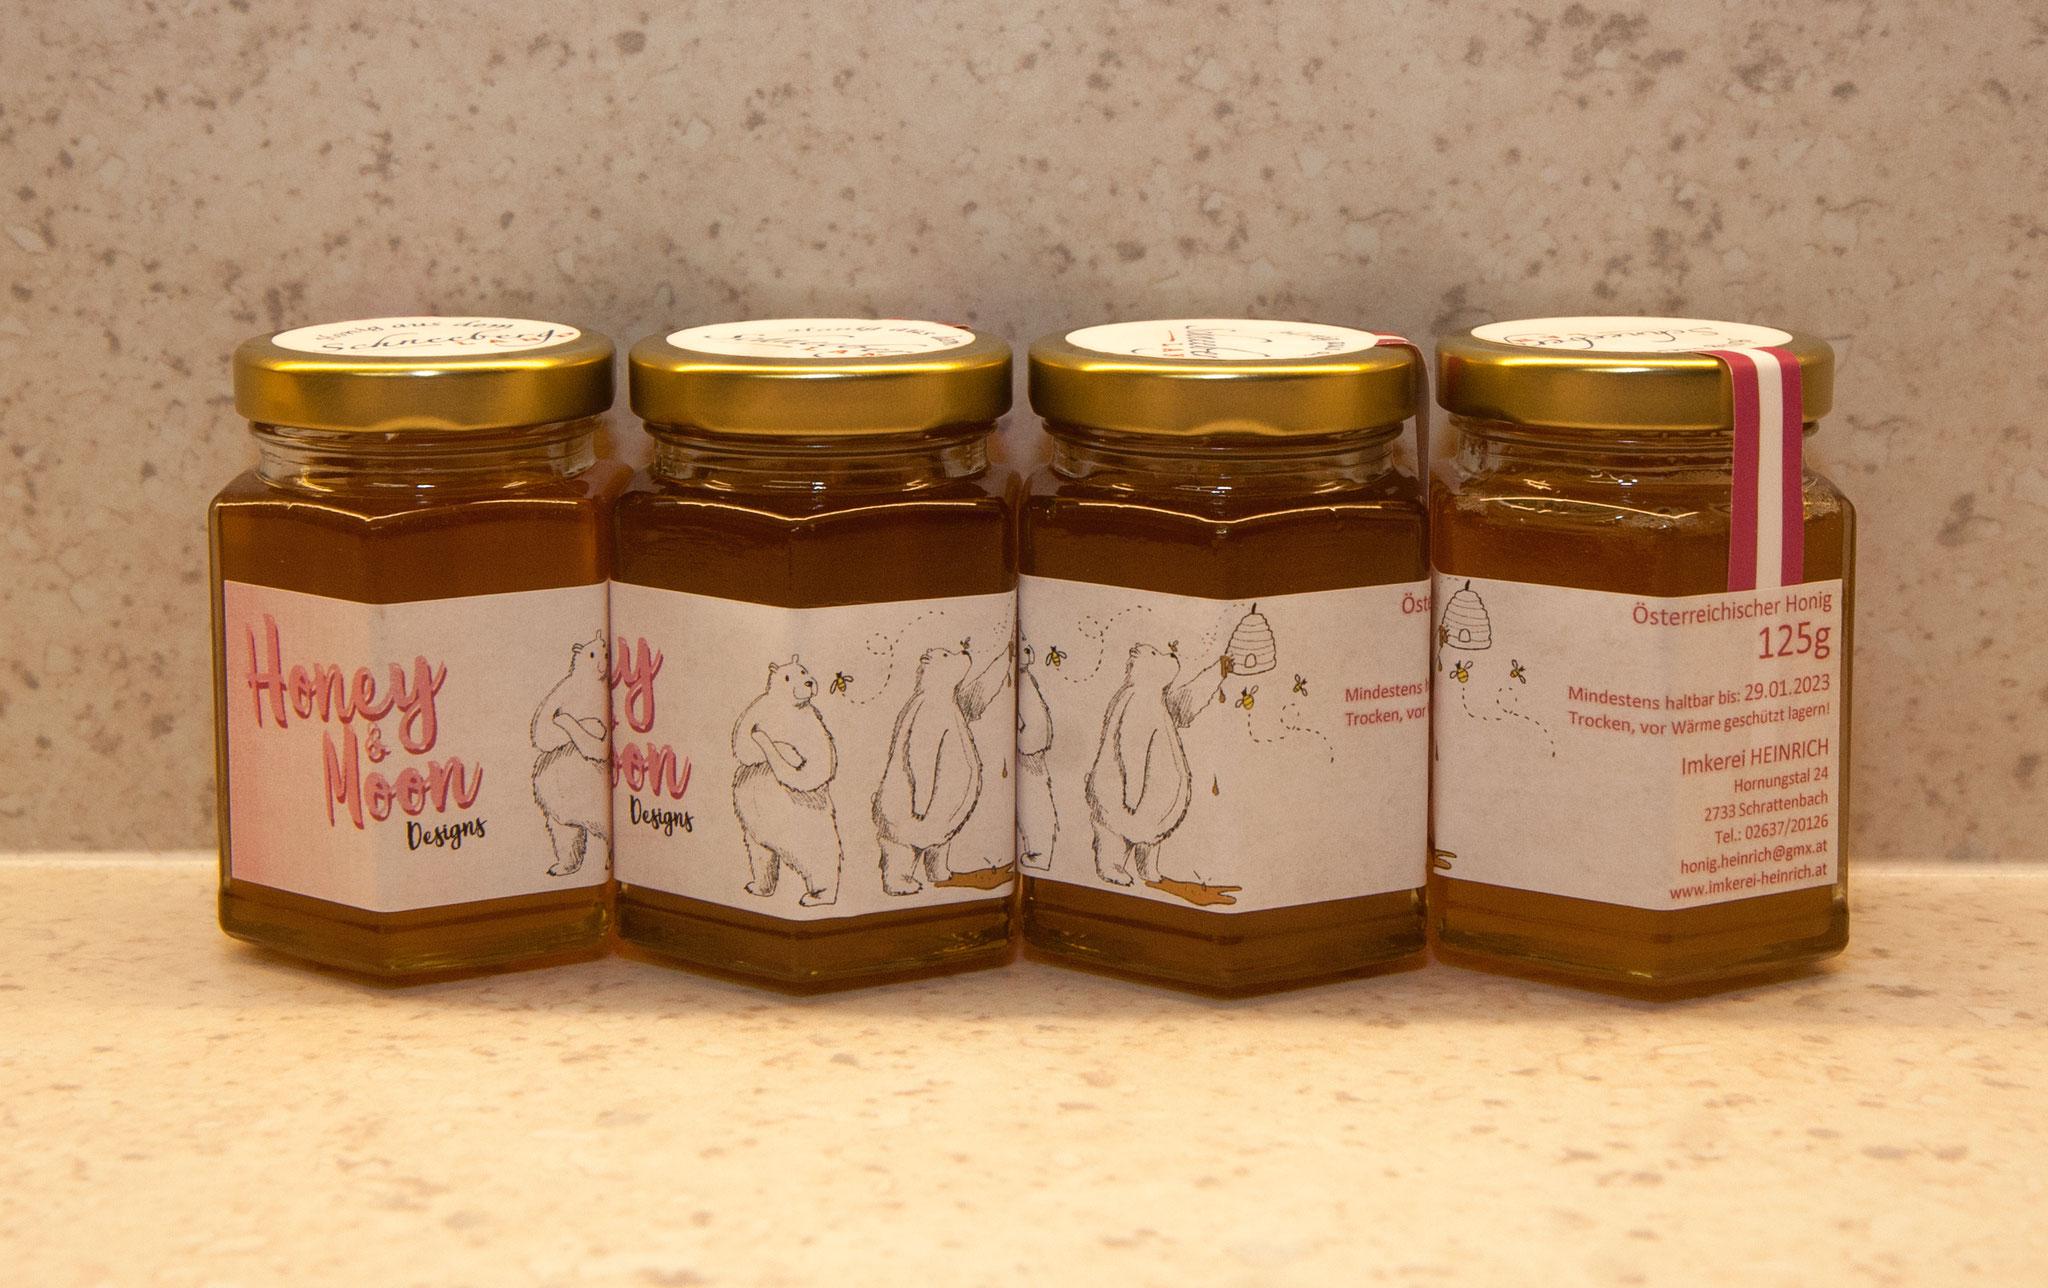 Imkerei HEINRICH - Sonderabfüllung für HoneyandMoonDesigns